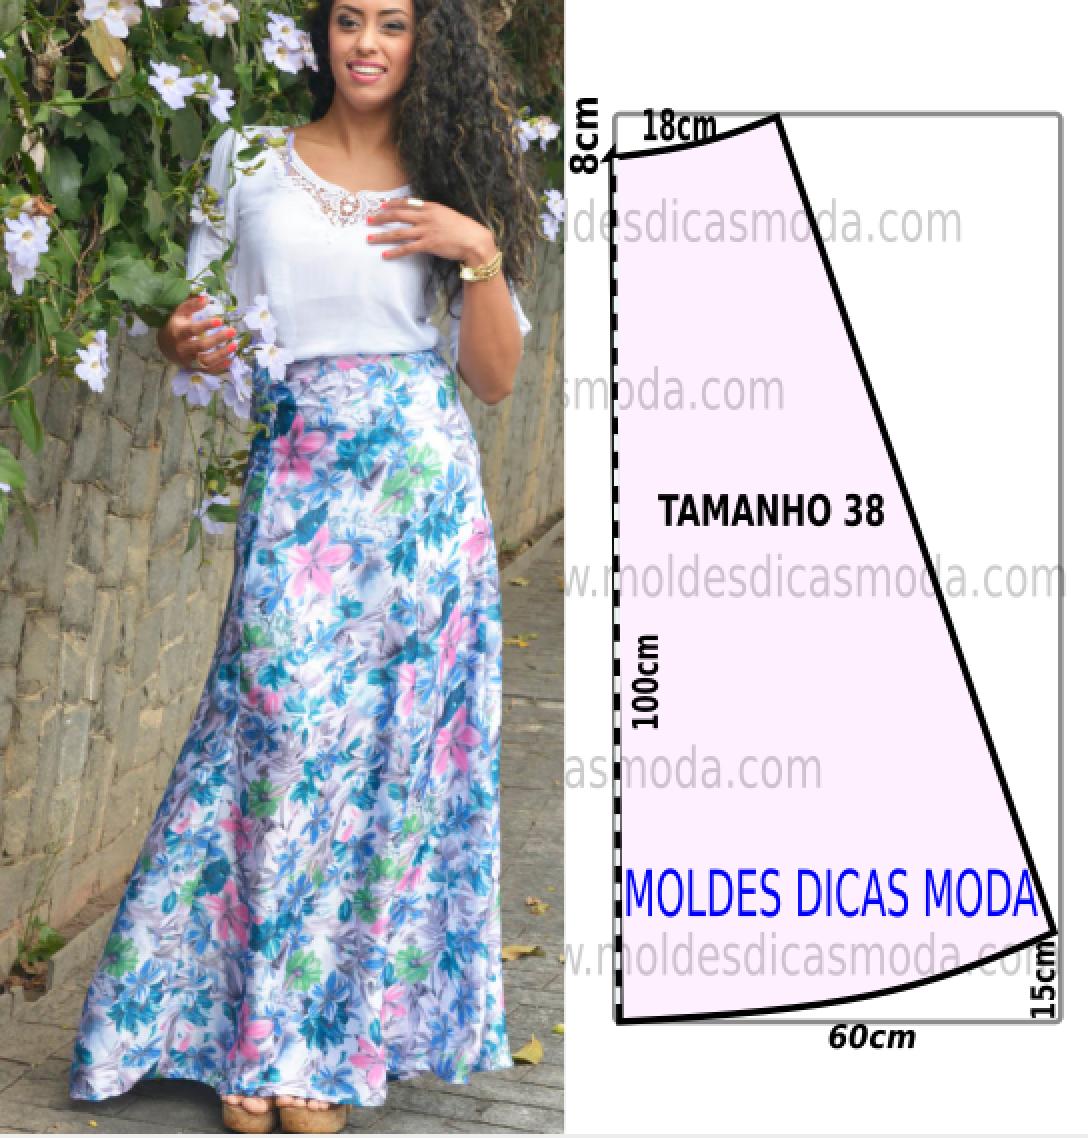 db185d97a O molde de saia longa feminina encontra-se no tamanho 38. A ilustração do  molde de saia não tem valor de costura tem que ser acrescentado. Este  trabalho